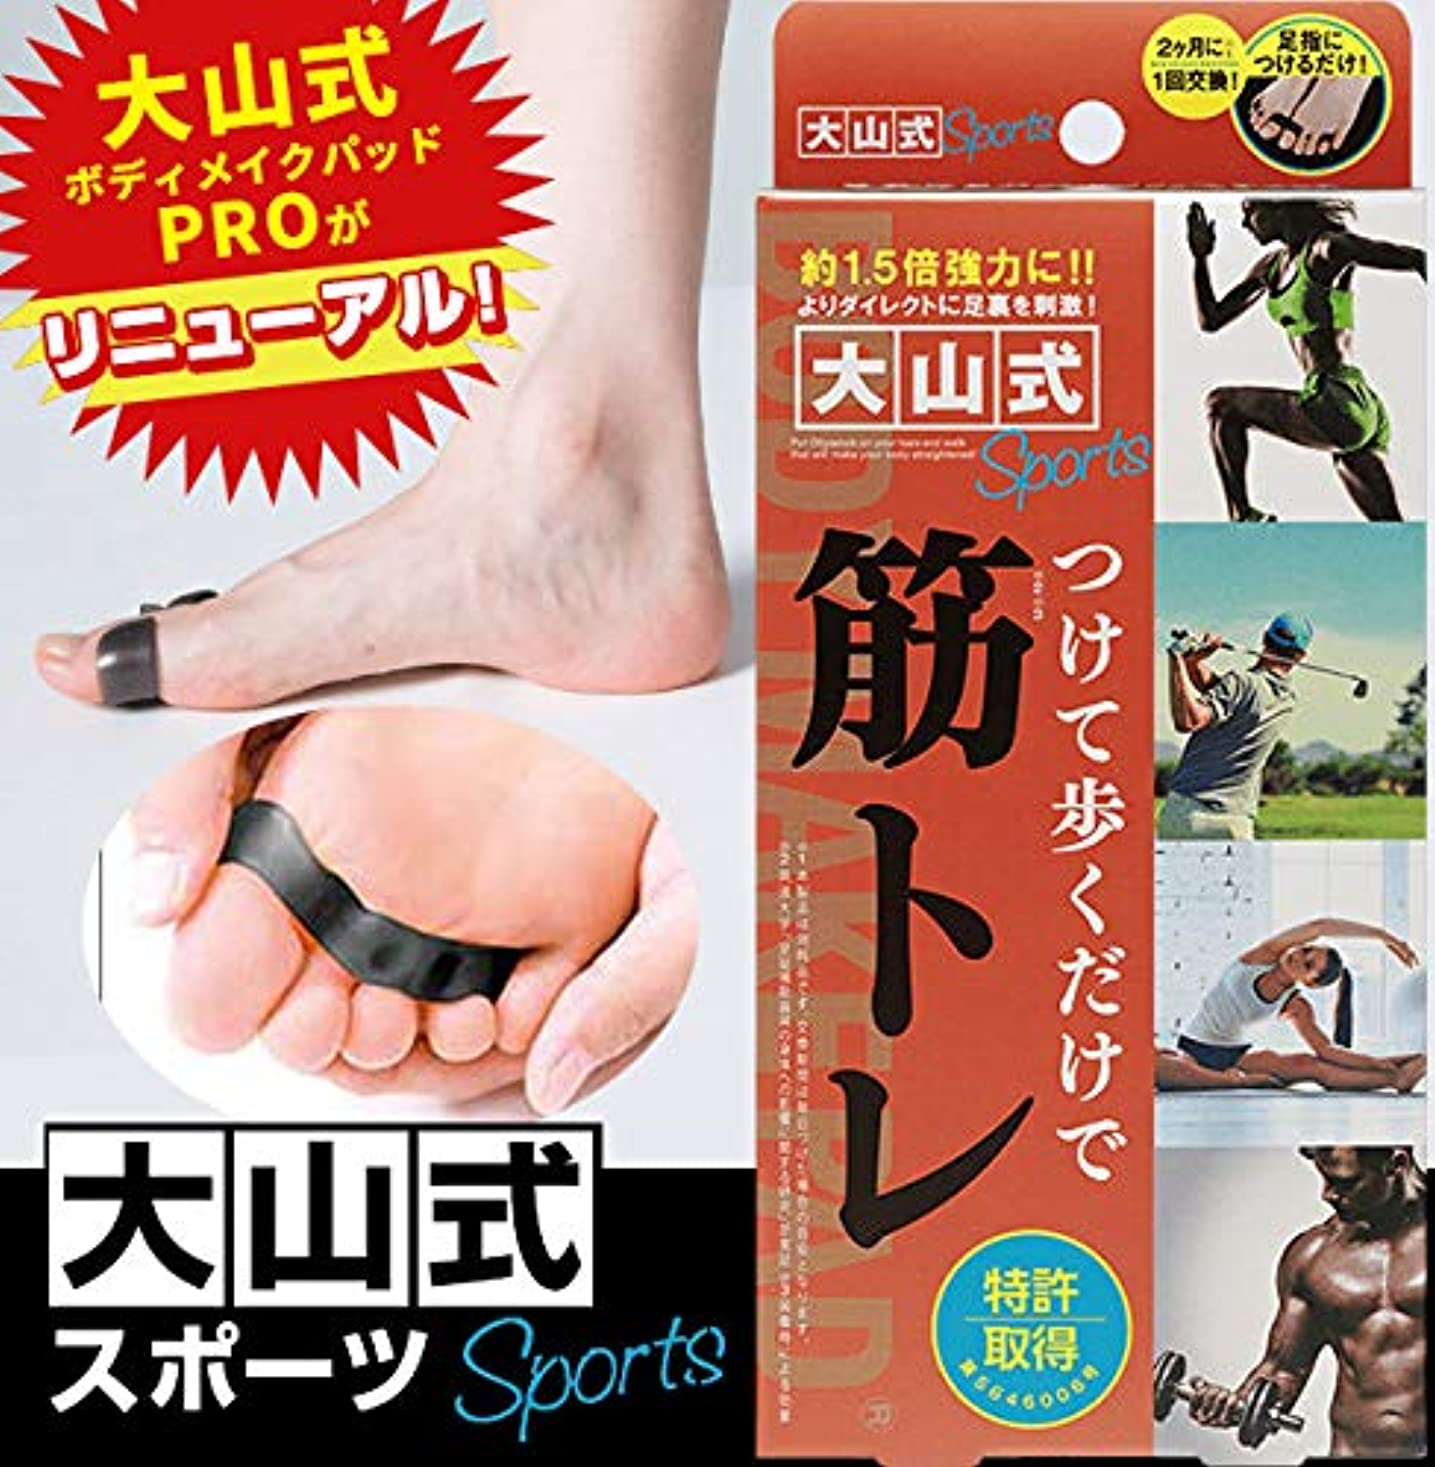 吸収剤虚偽保持する大山式ボディメイクパッド スポーツ Sports